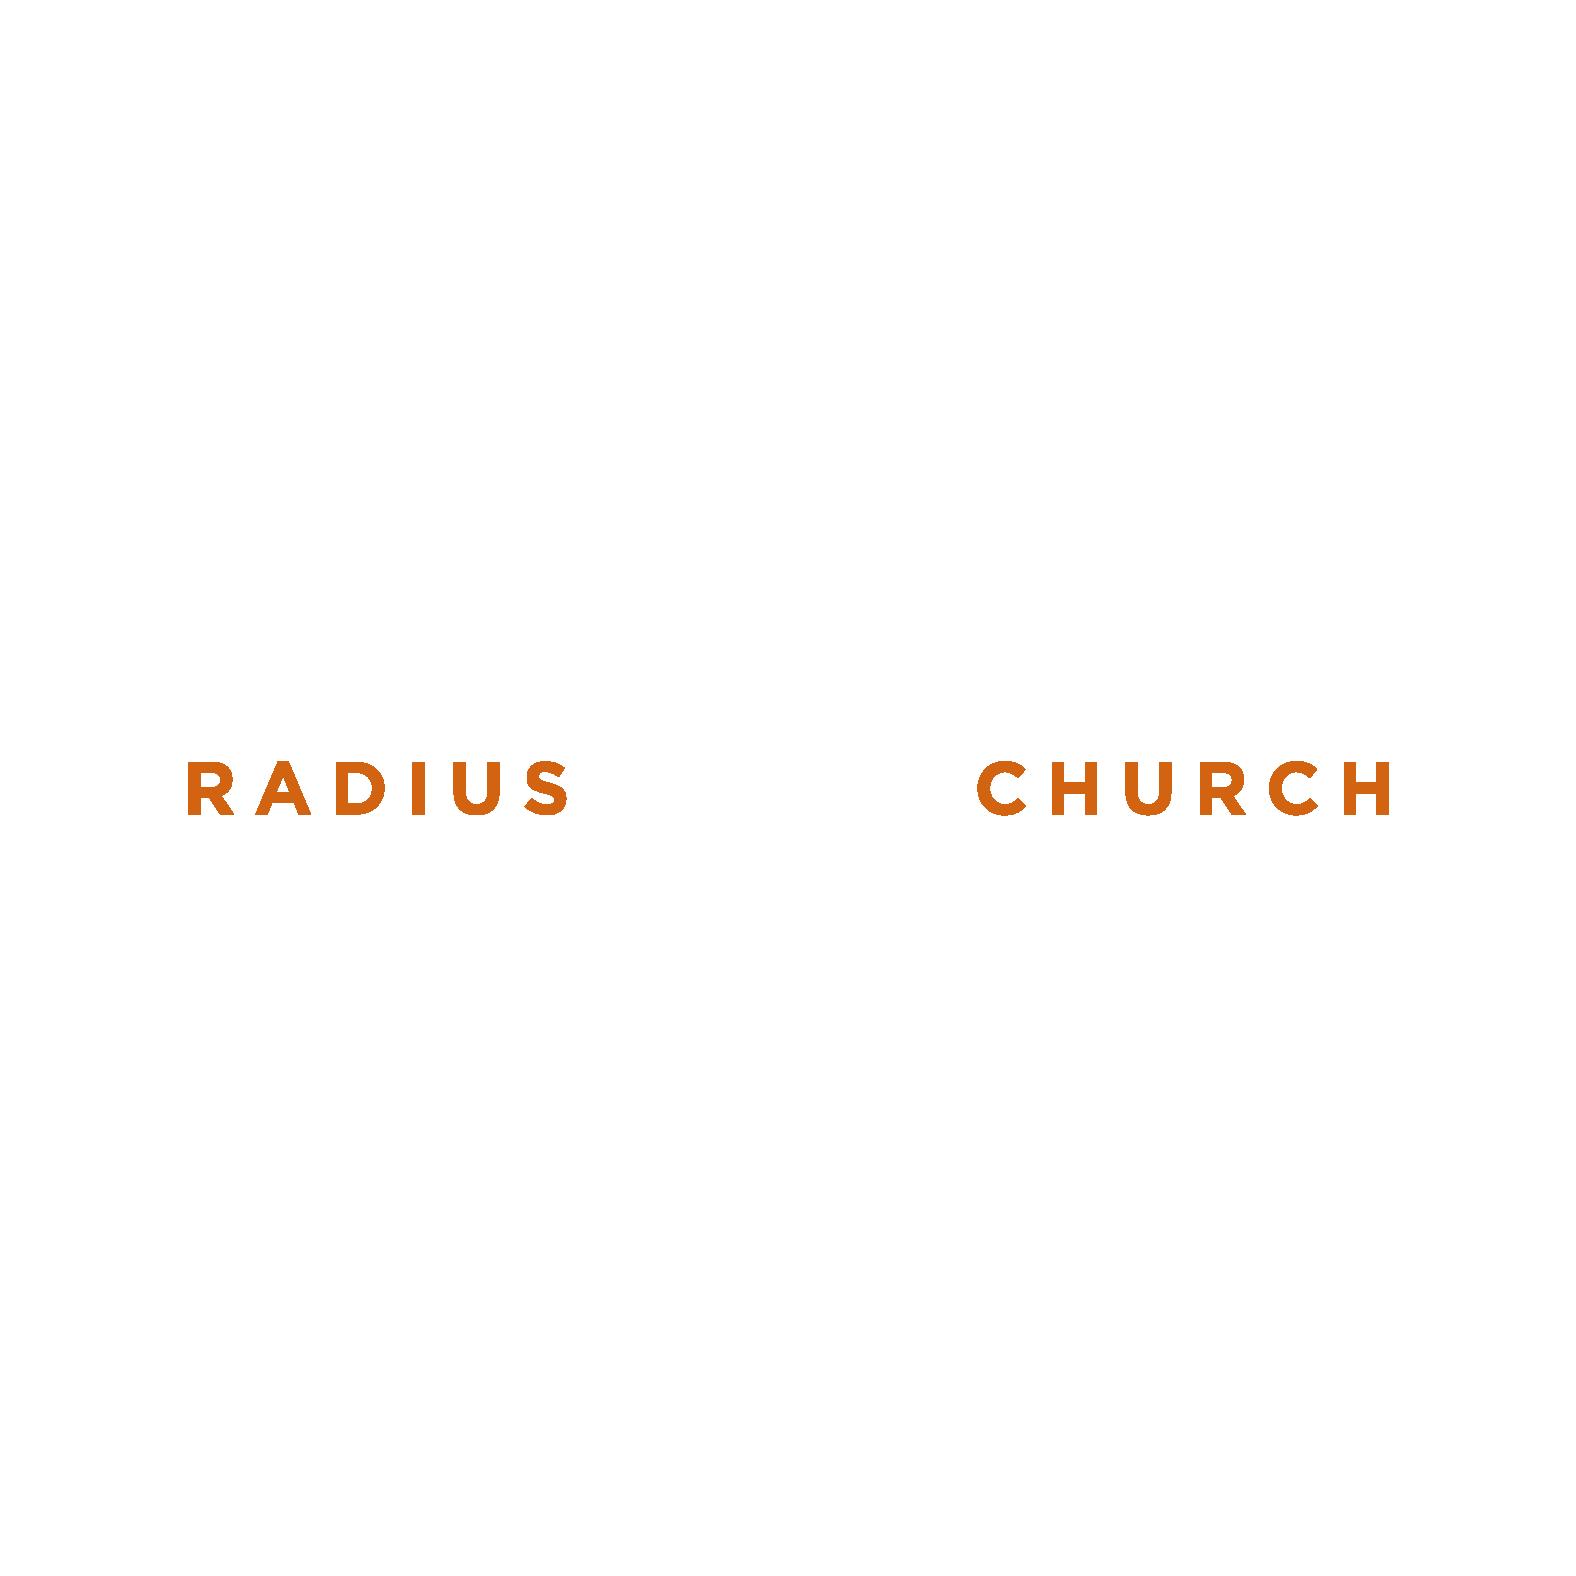 Radius Church